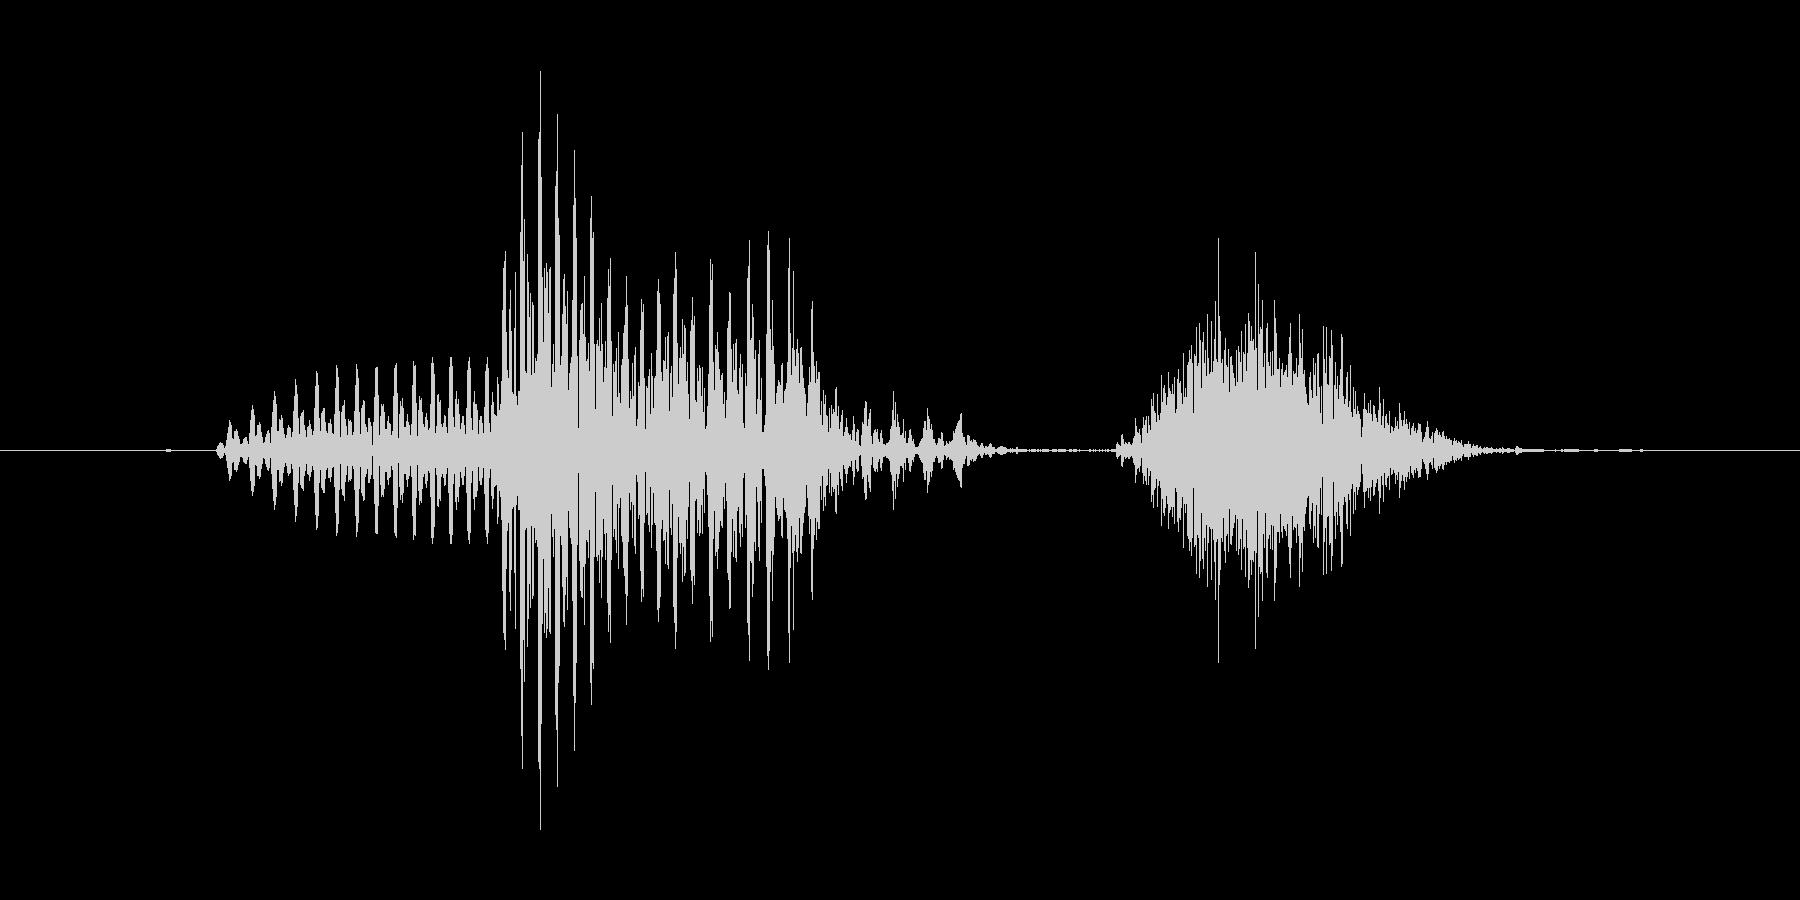 「March」英語発音の未再生の波形